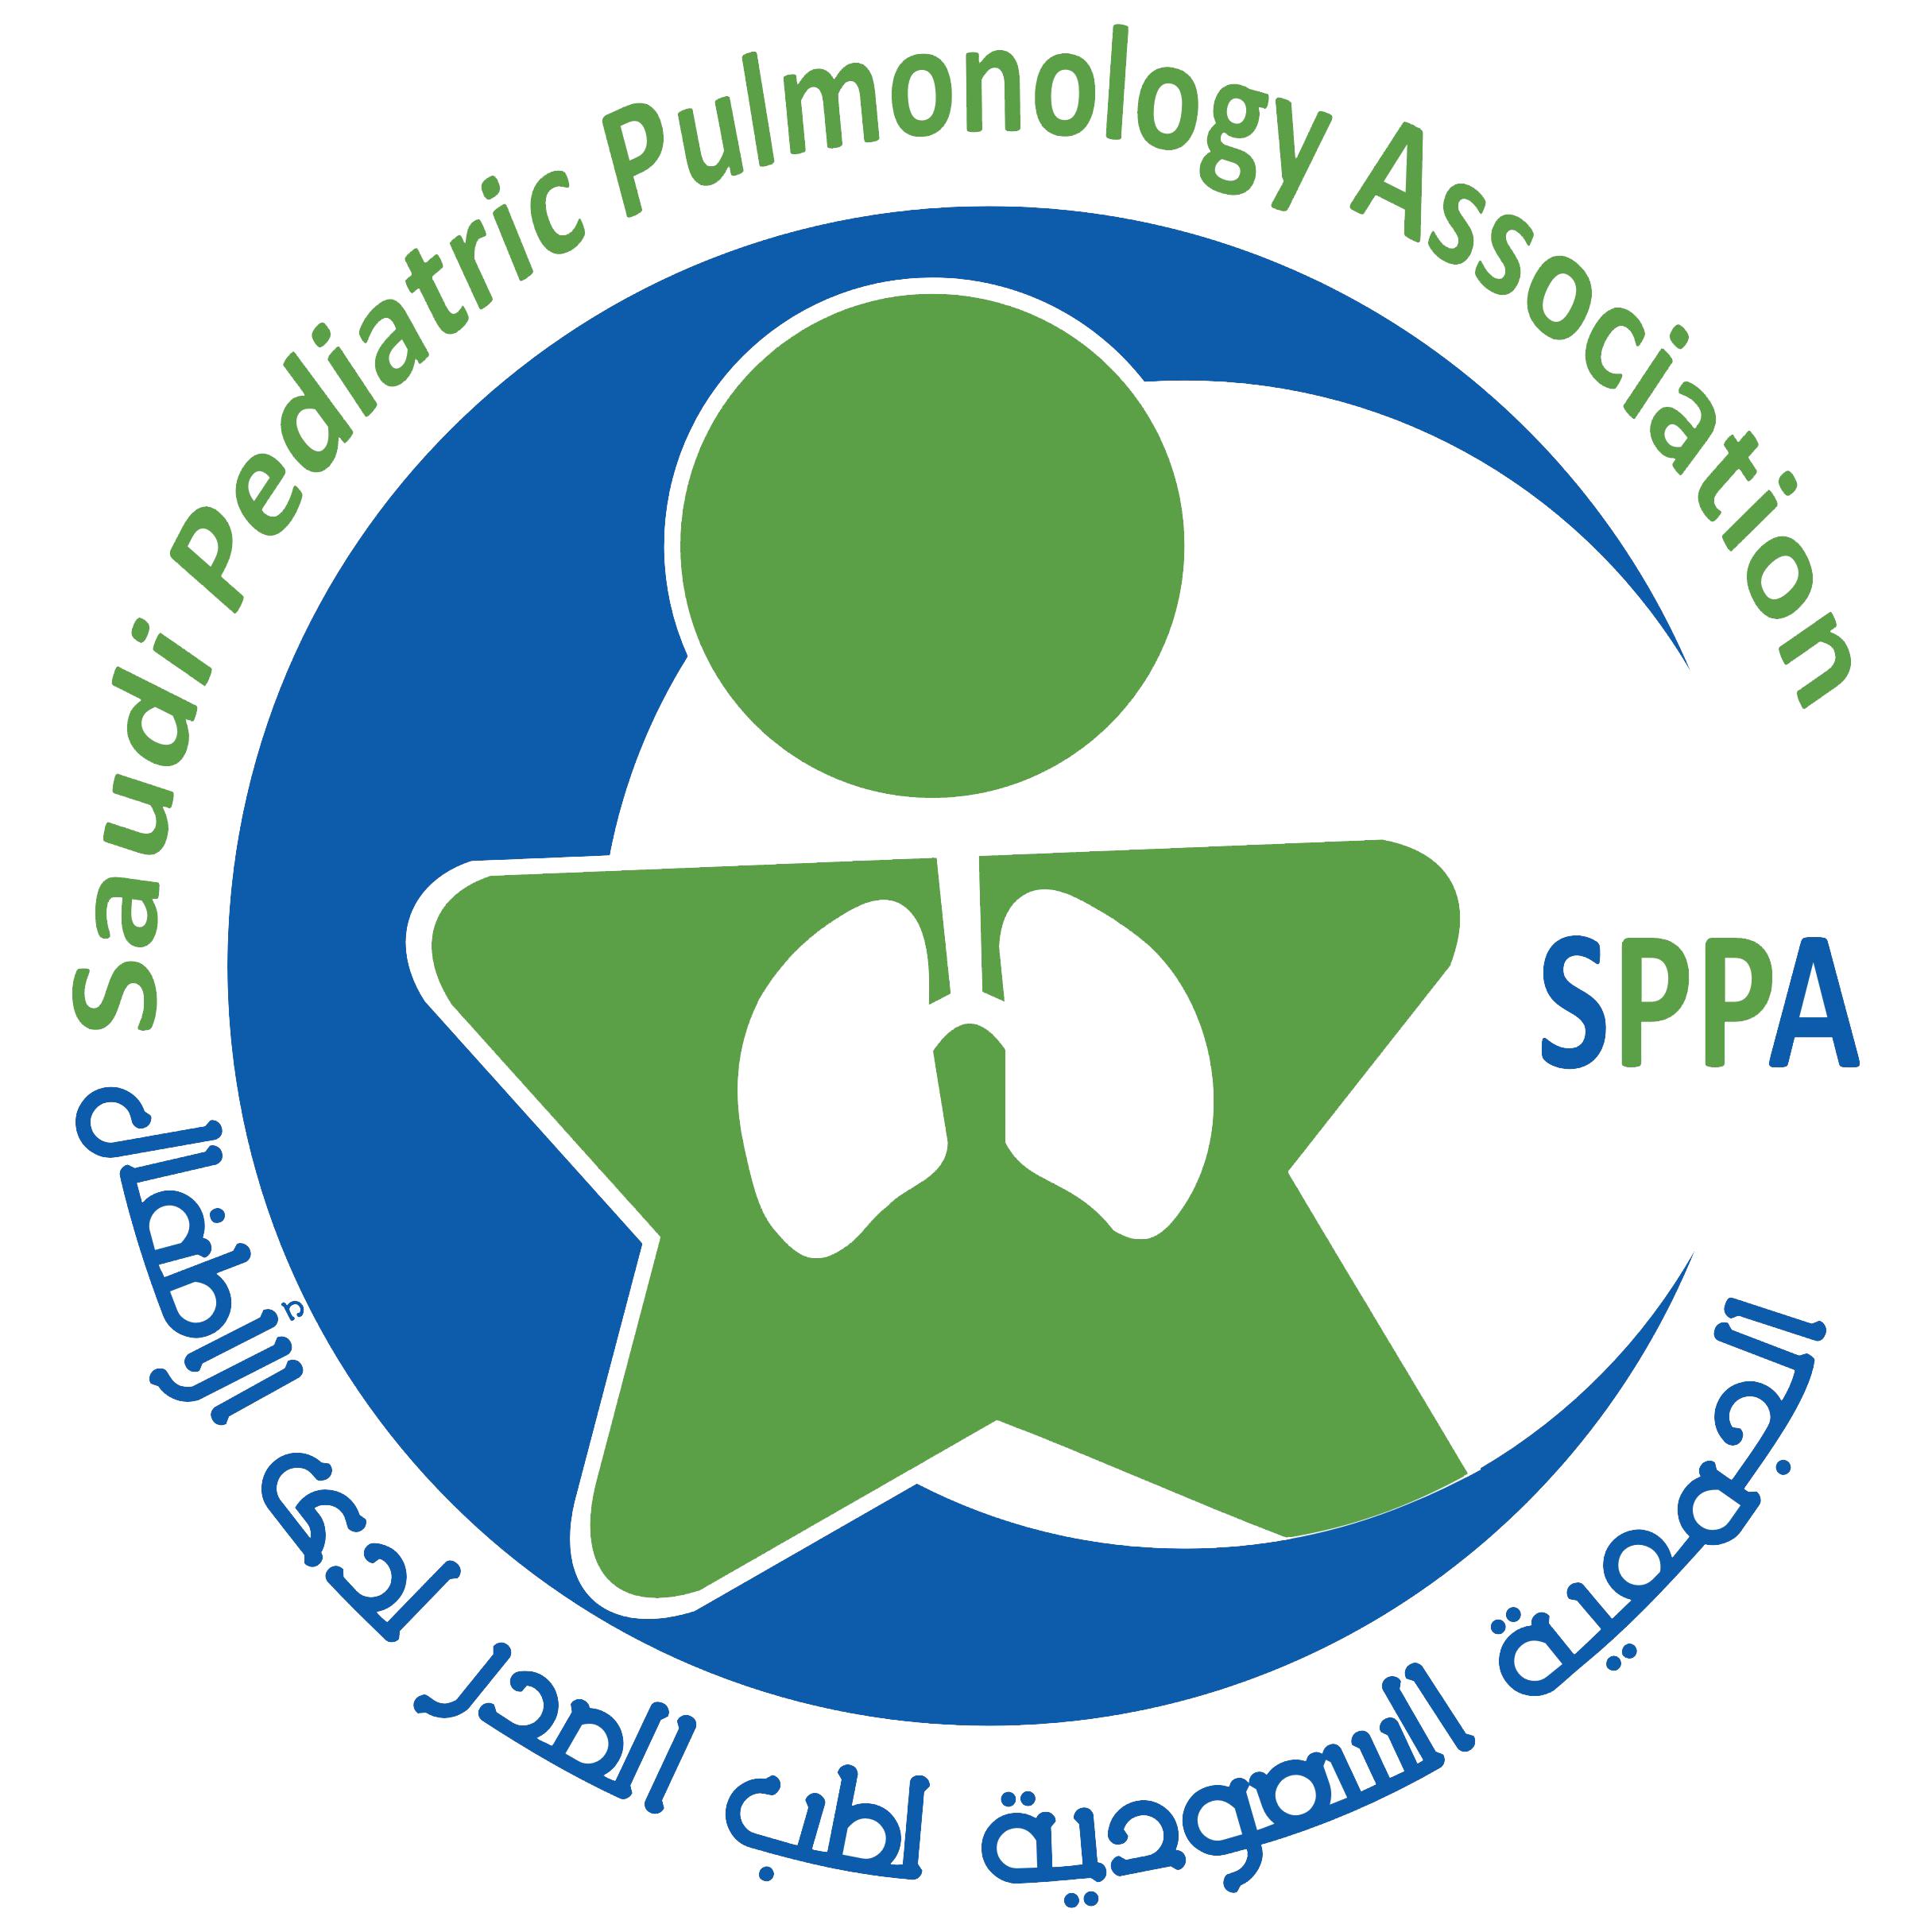 SPPA - CF